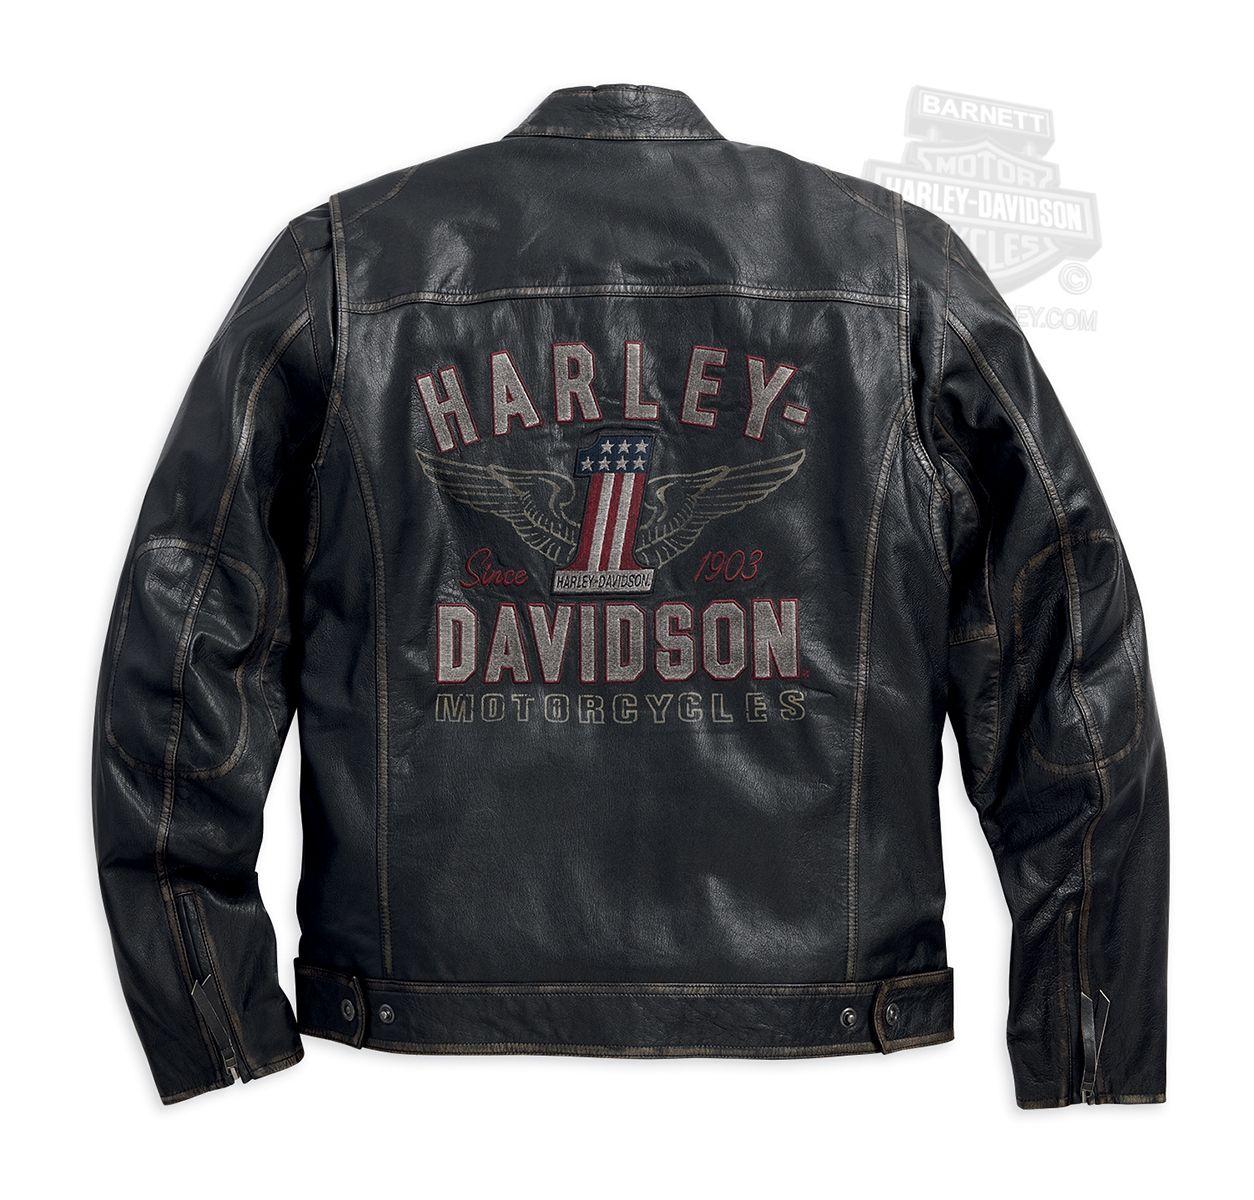 Harley Davidson 98089 15vm Harley Davidson Mens Long Way Winged 1 Washed Black Leathe Harley Davidson Leather Jackets Harley Jacket Harley Davidson Gear [ 1200 x 1254 Pixel ]